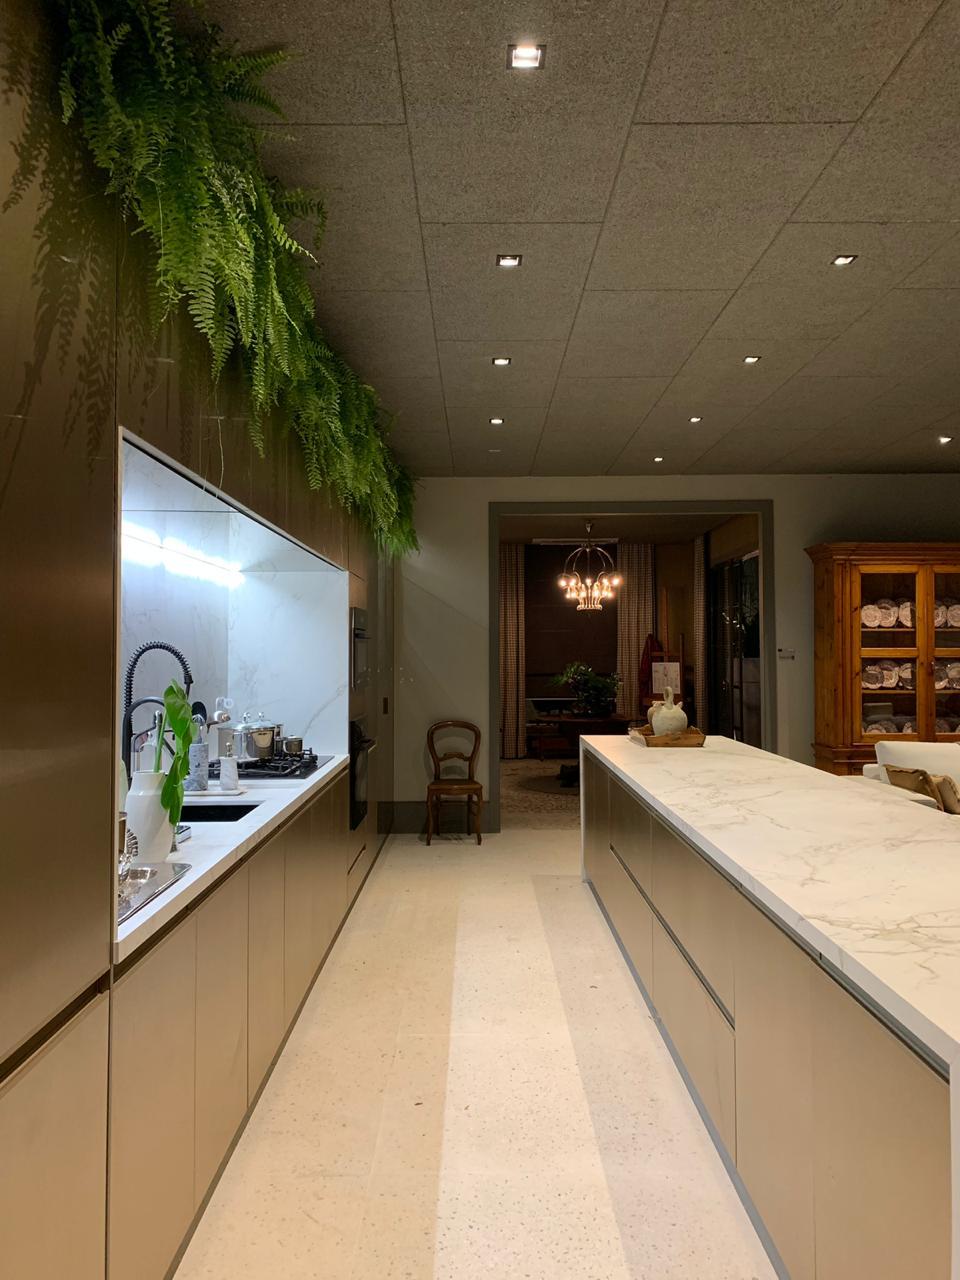 Living do Restaurante by Gustavo Paschoalim. CASACOR SP 2019. BADEBEC. Cozinha dourada, Bancada em ilha, itens garimpados e piso com tons claros.